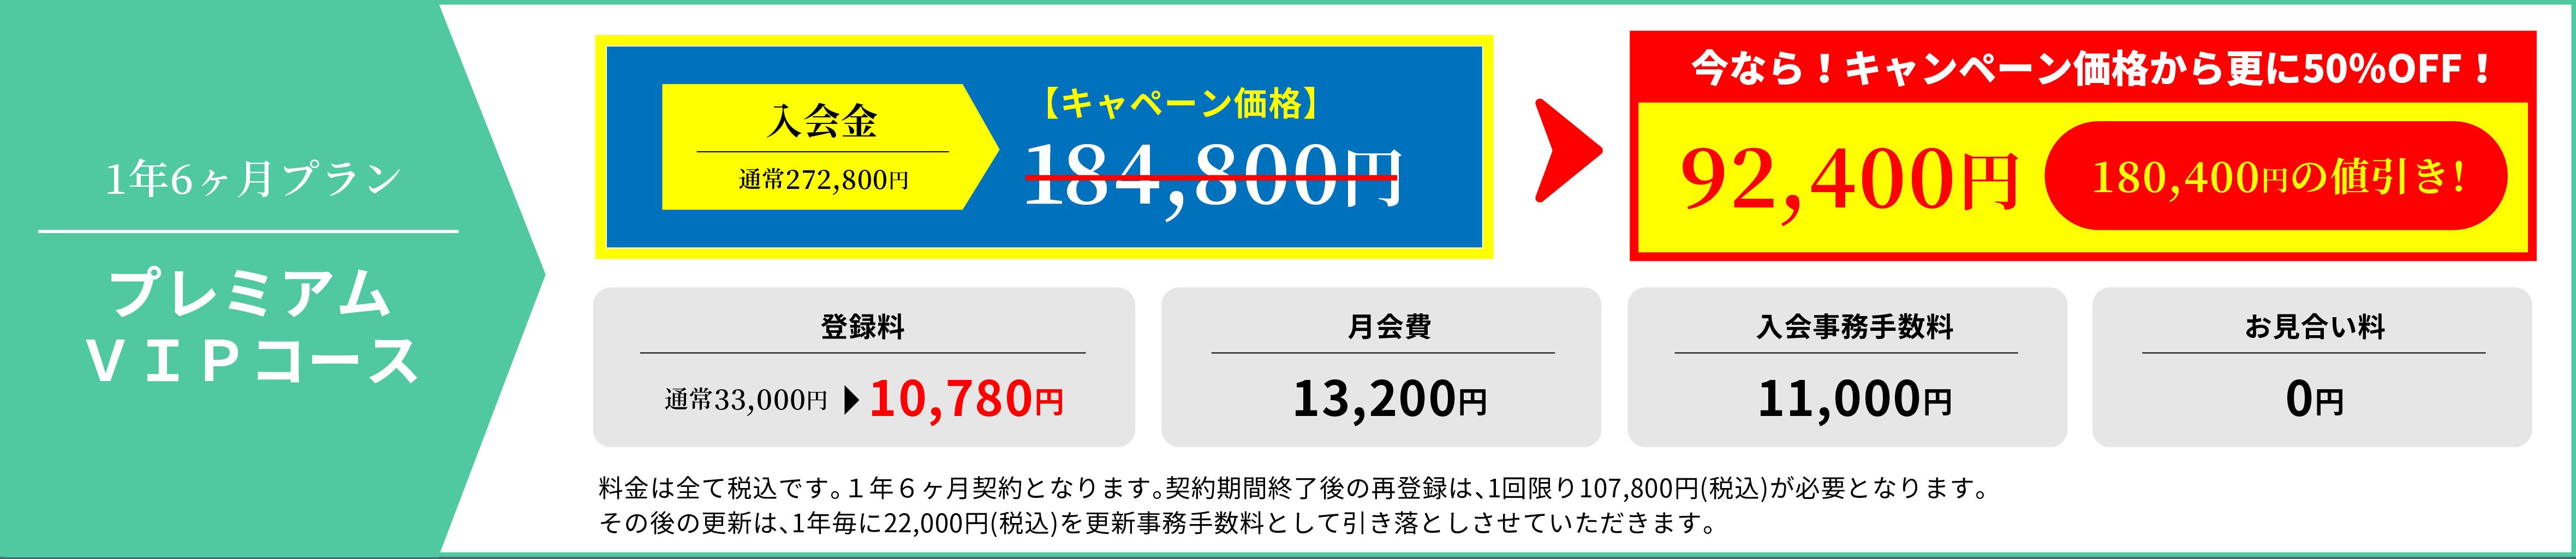 new_price02